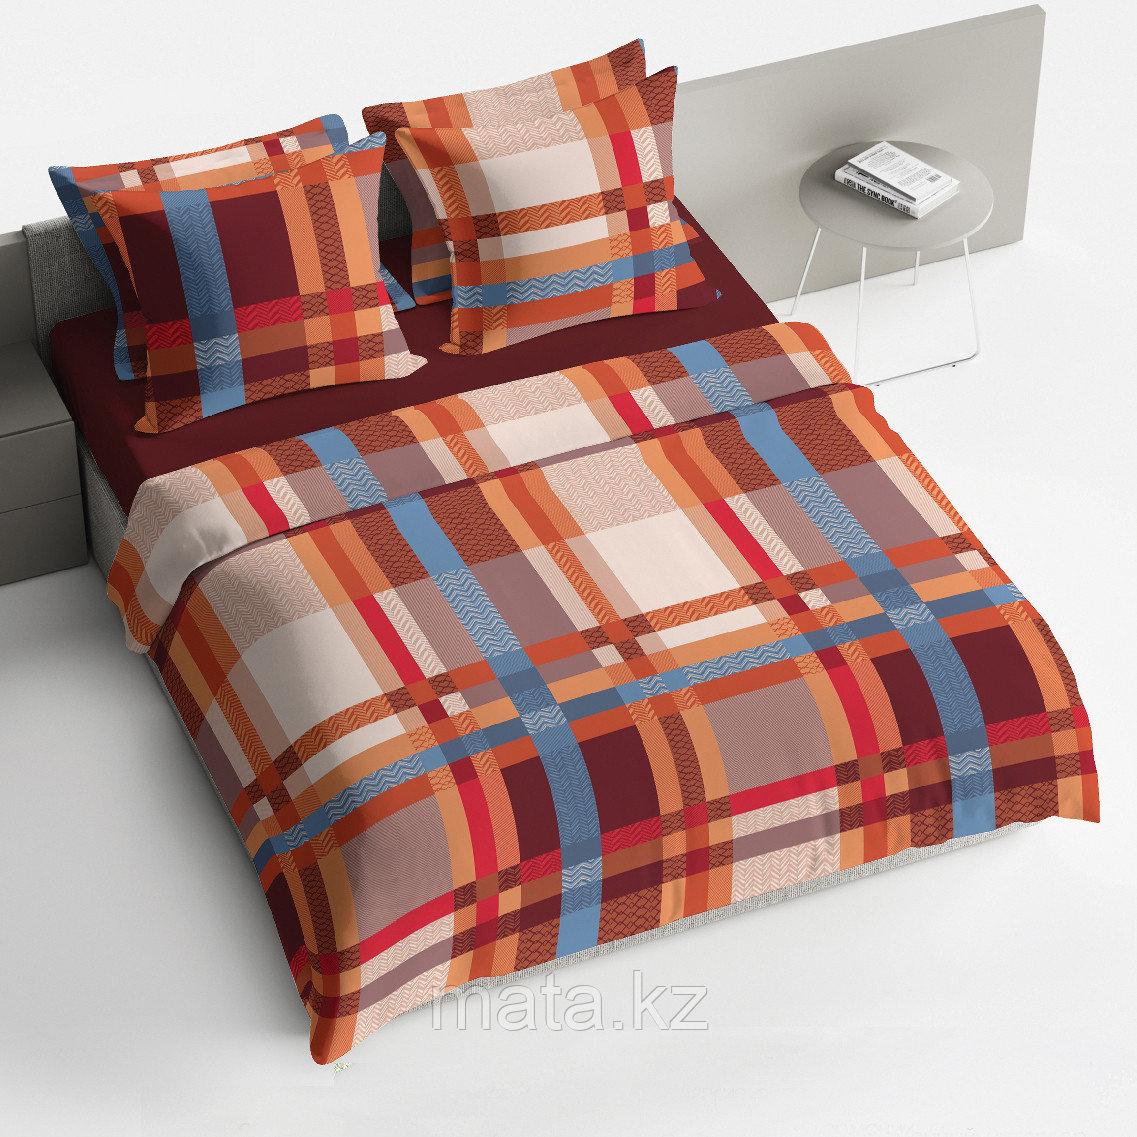 Комплект постельного белья двухспальный бамбук